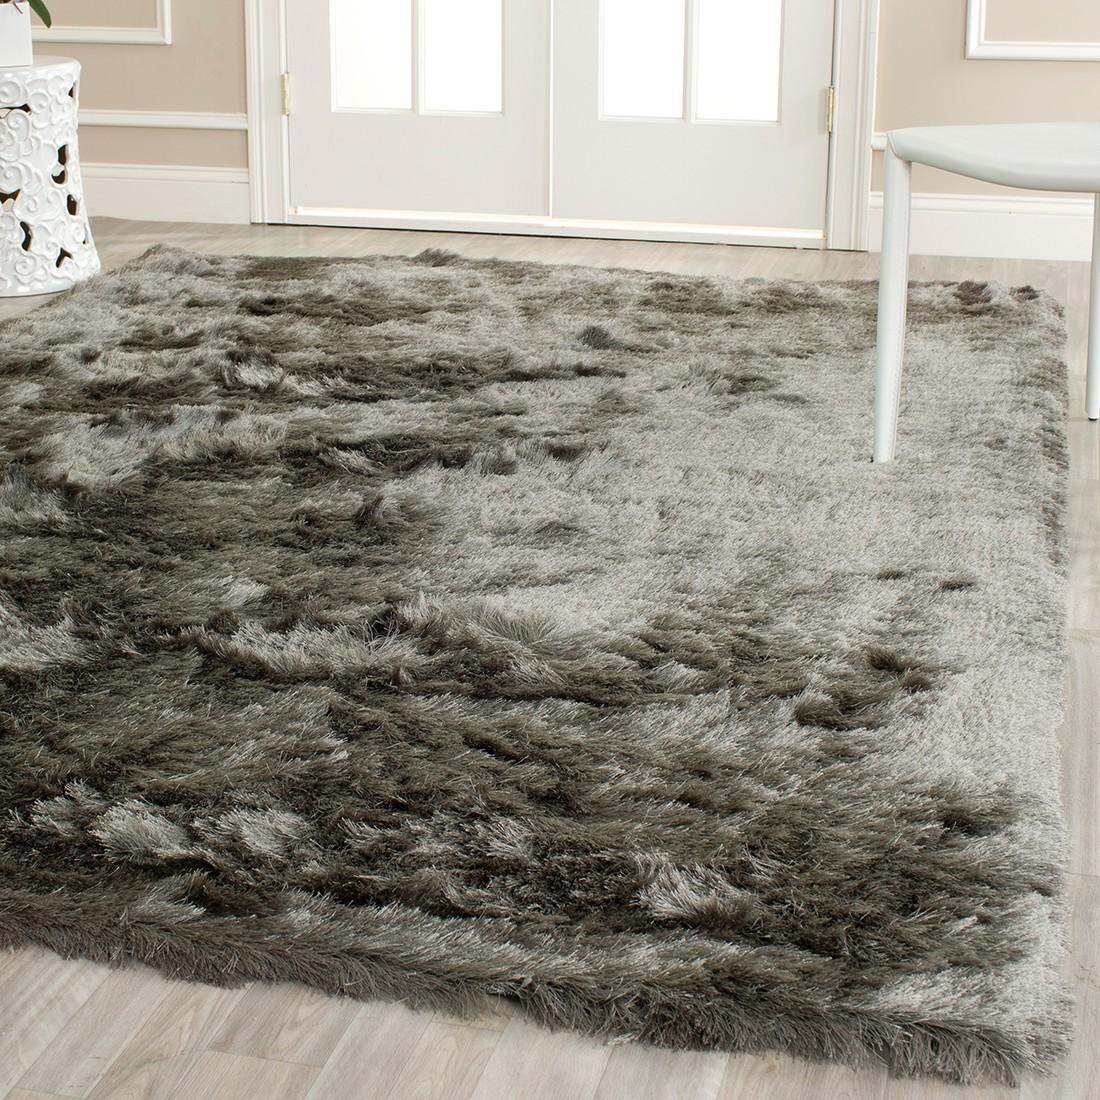 Teppich Chatham – Dunkelgrau – 153 x 214 cm, Safavieh jetzt bestellen